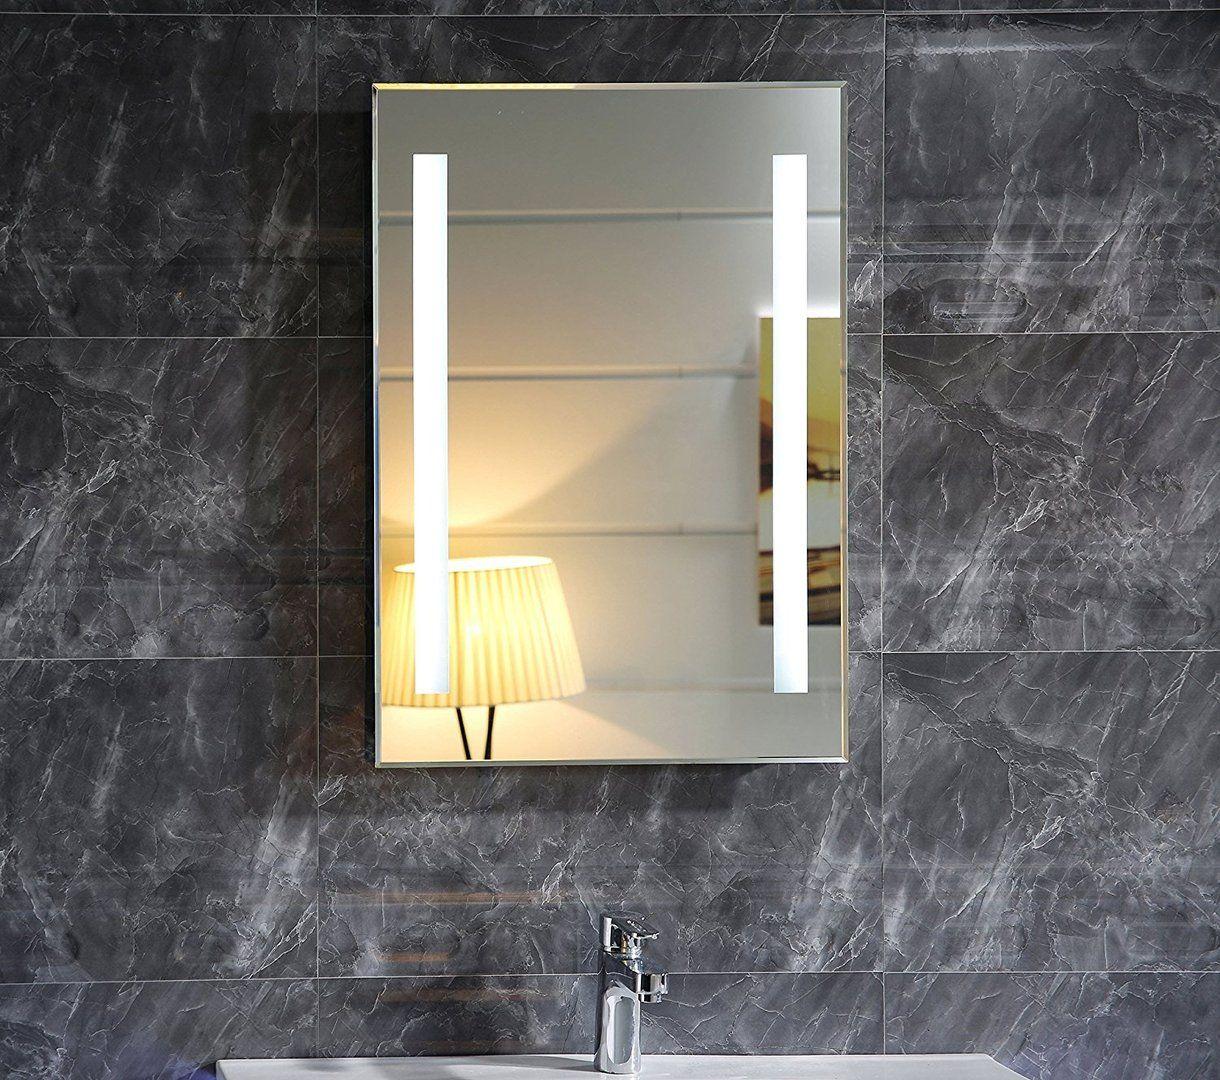 Led Lichtspiegel Hameln Badezimmerspiegel Beleuchtung Lichtspiegel Beleuchteter Spiegel